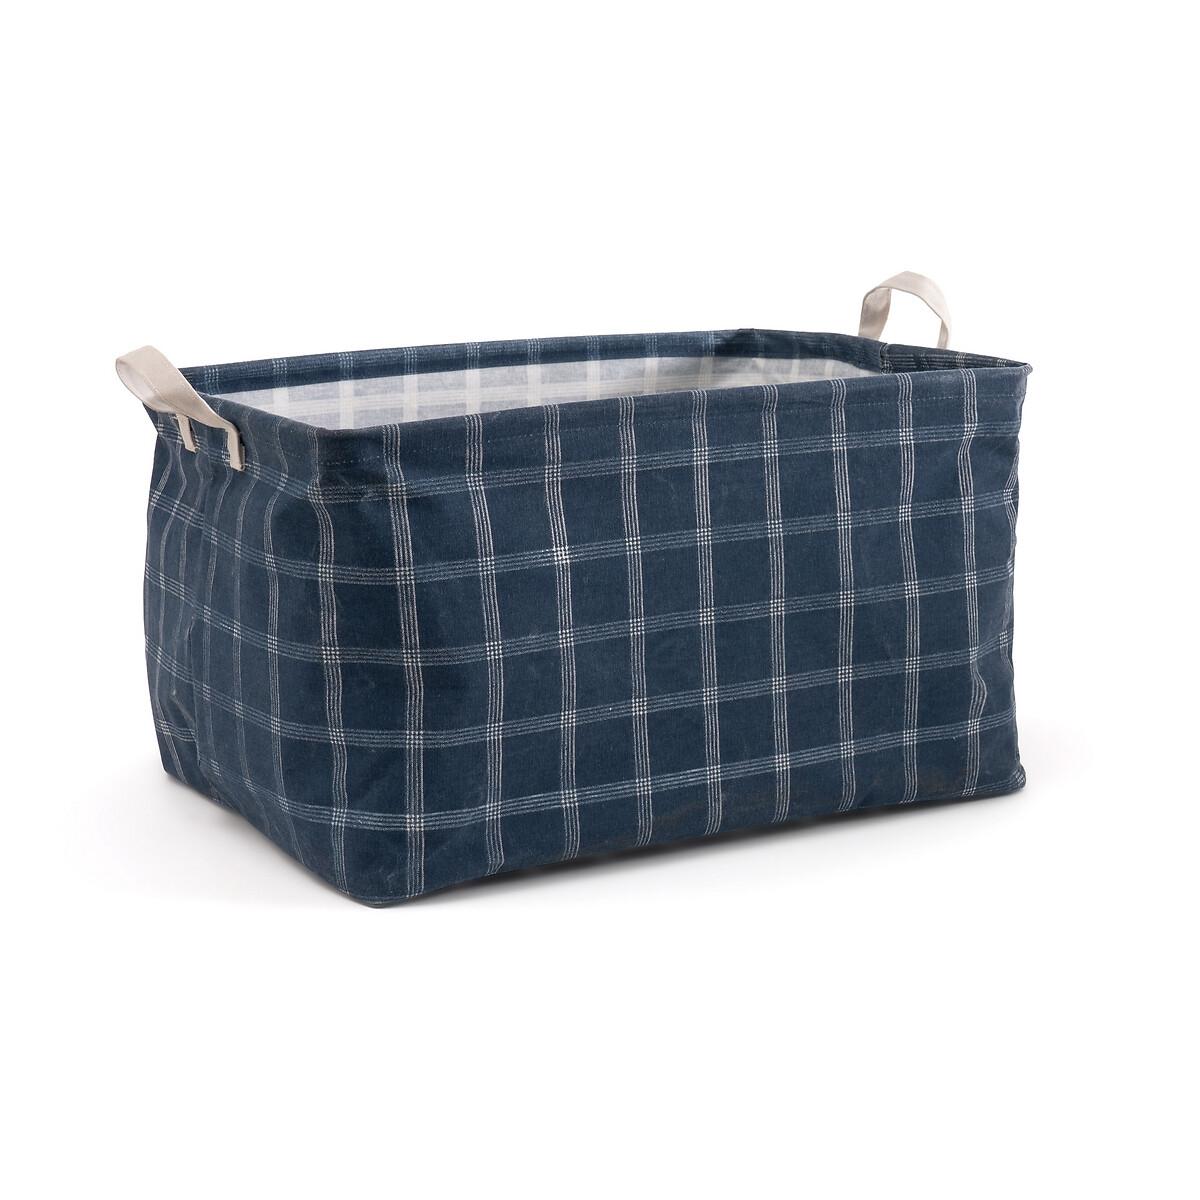 Фото - Чехол-корзина LaRedoute Для хранения Arthus единый размер синий корзина laredoute для белья из ткани louison единый размер серый